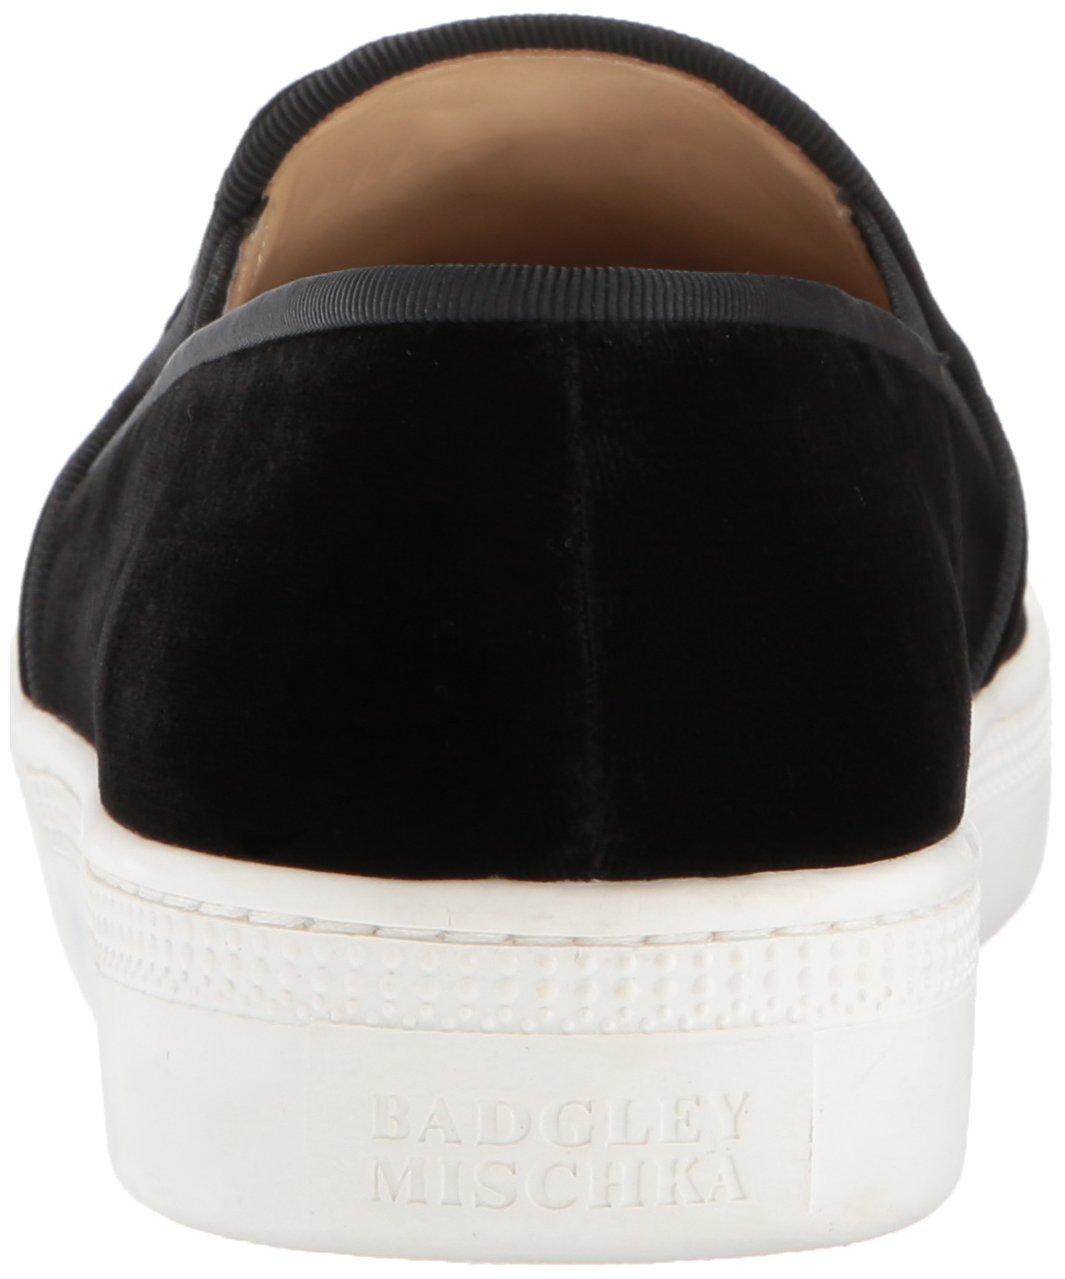 Badgley Mischka Women's Barre Sneaker B01N5XVPFW 7 B(M) US Black Velvet